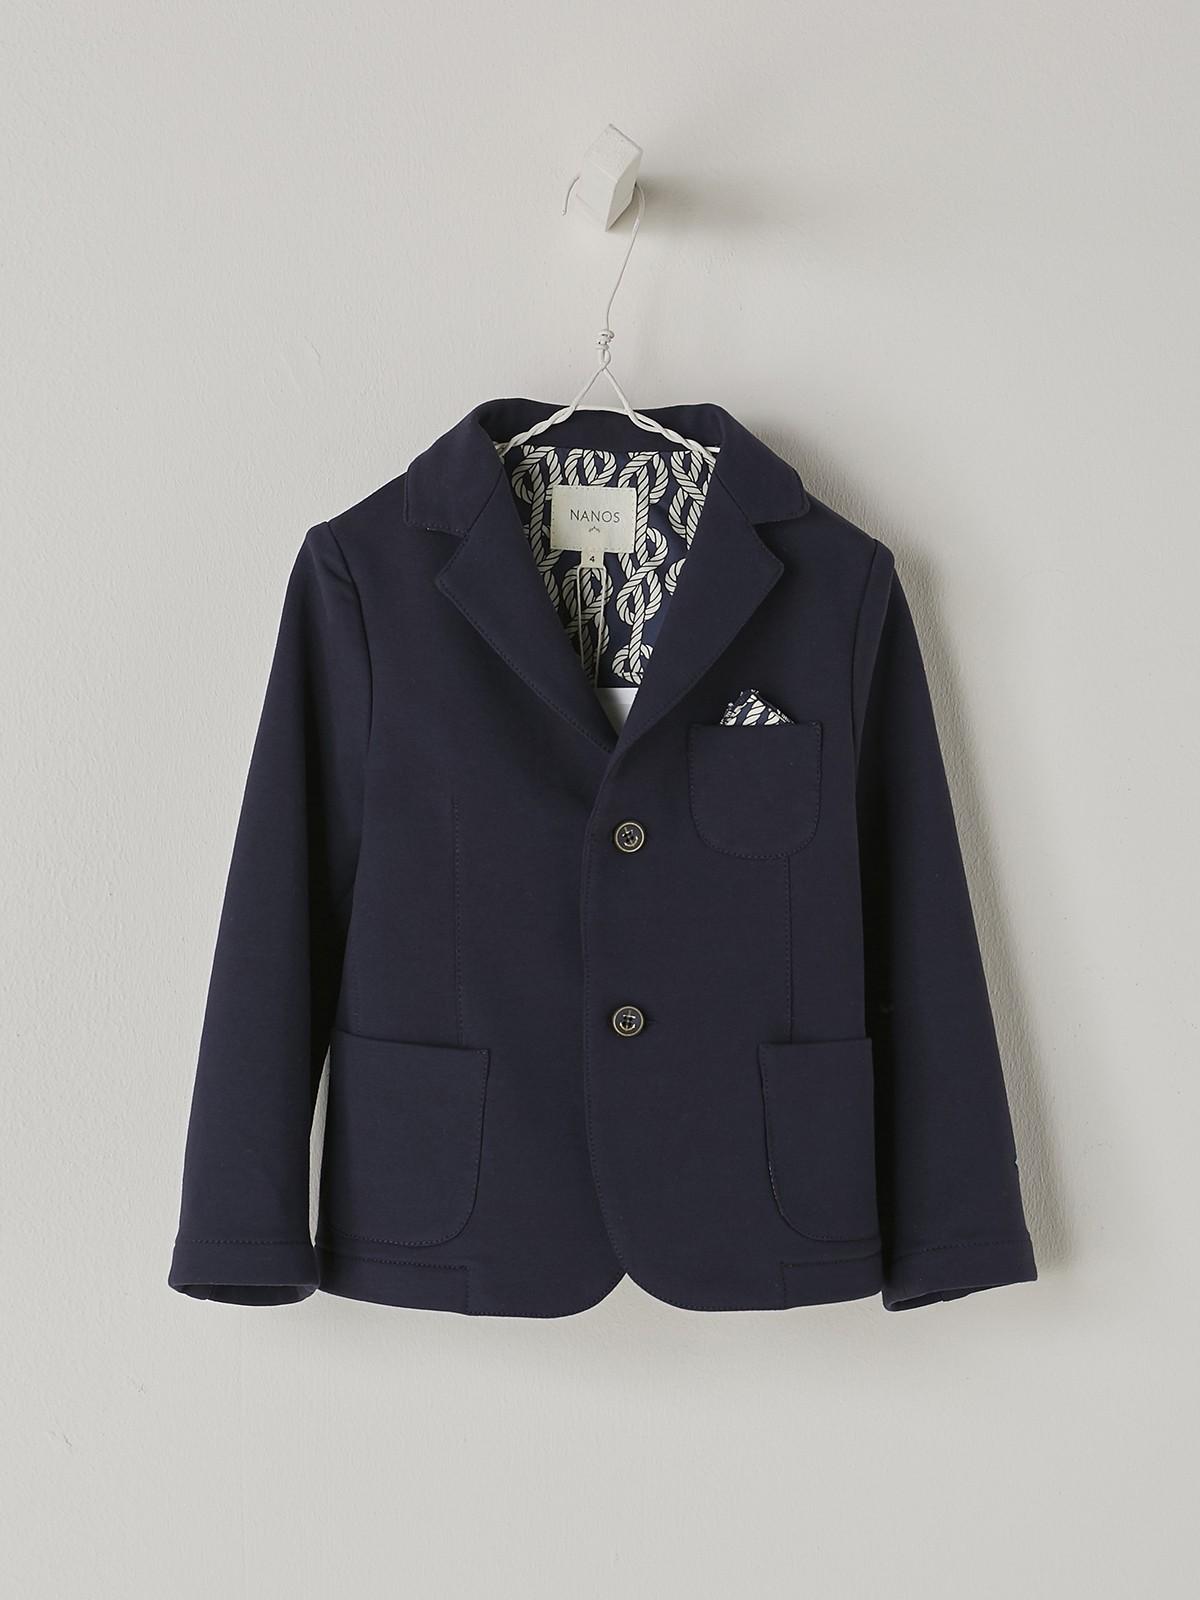 NANOS 西裝外套-Boy